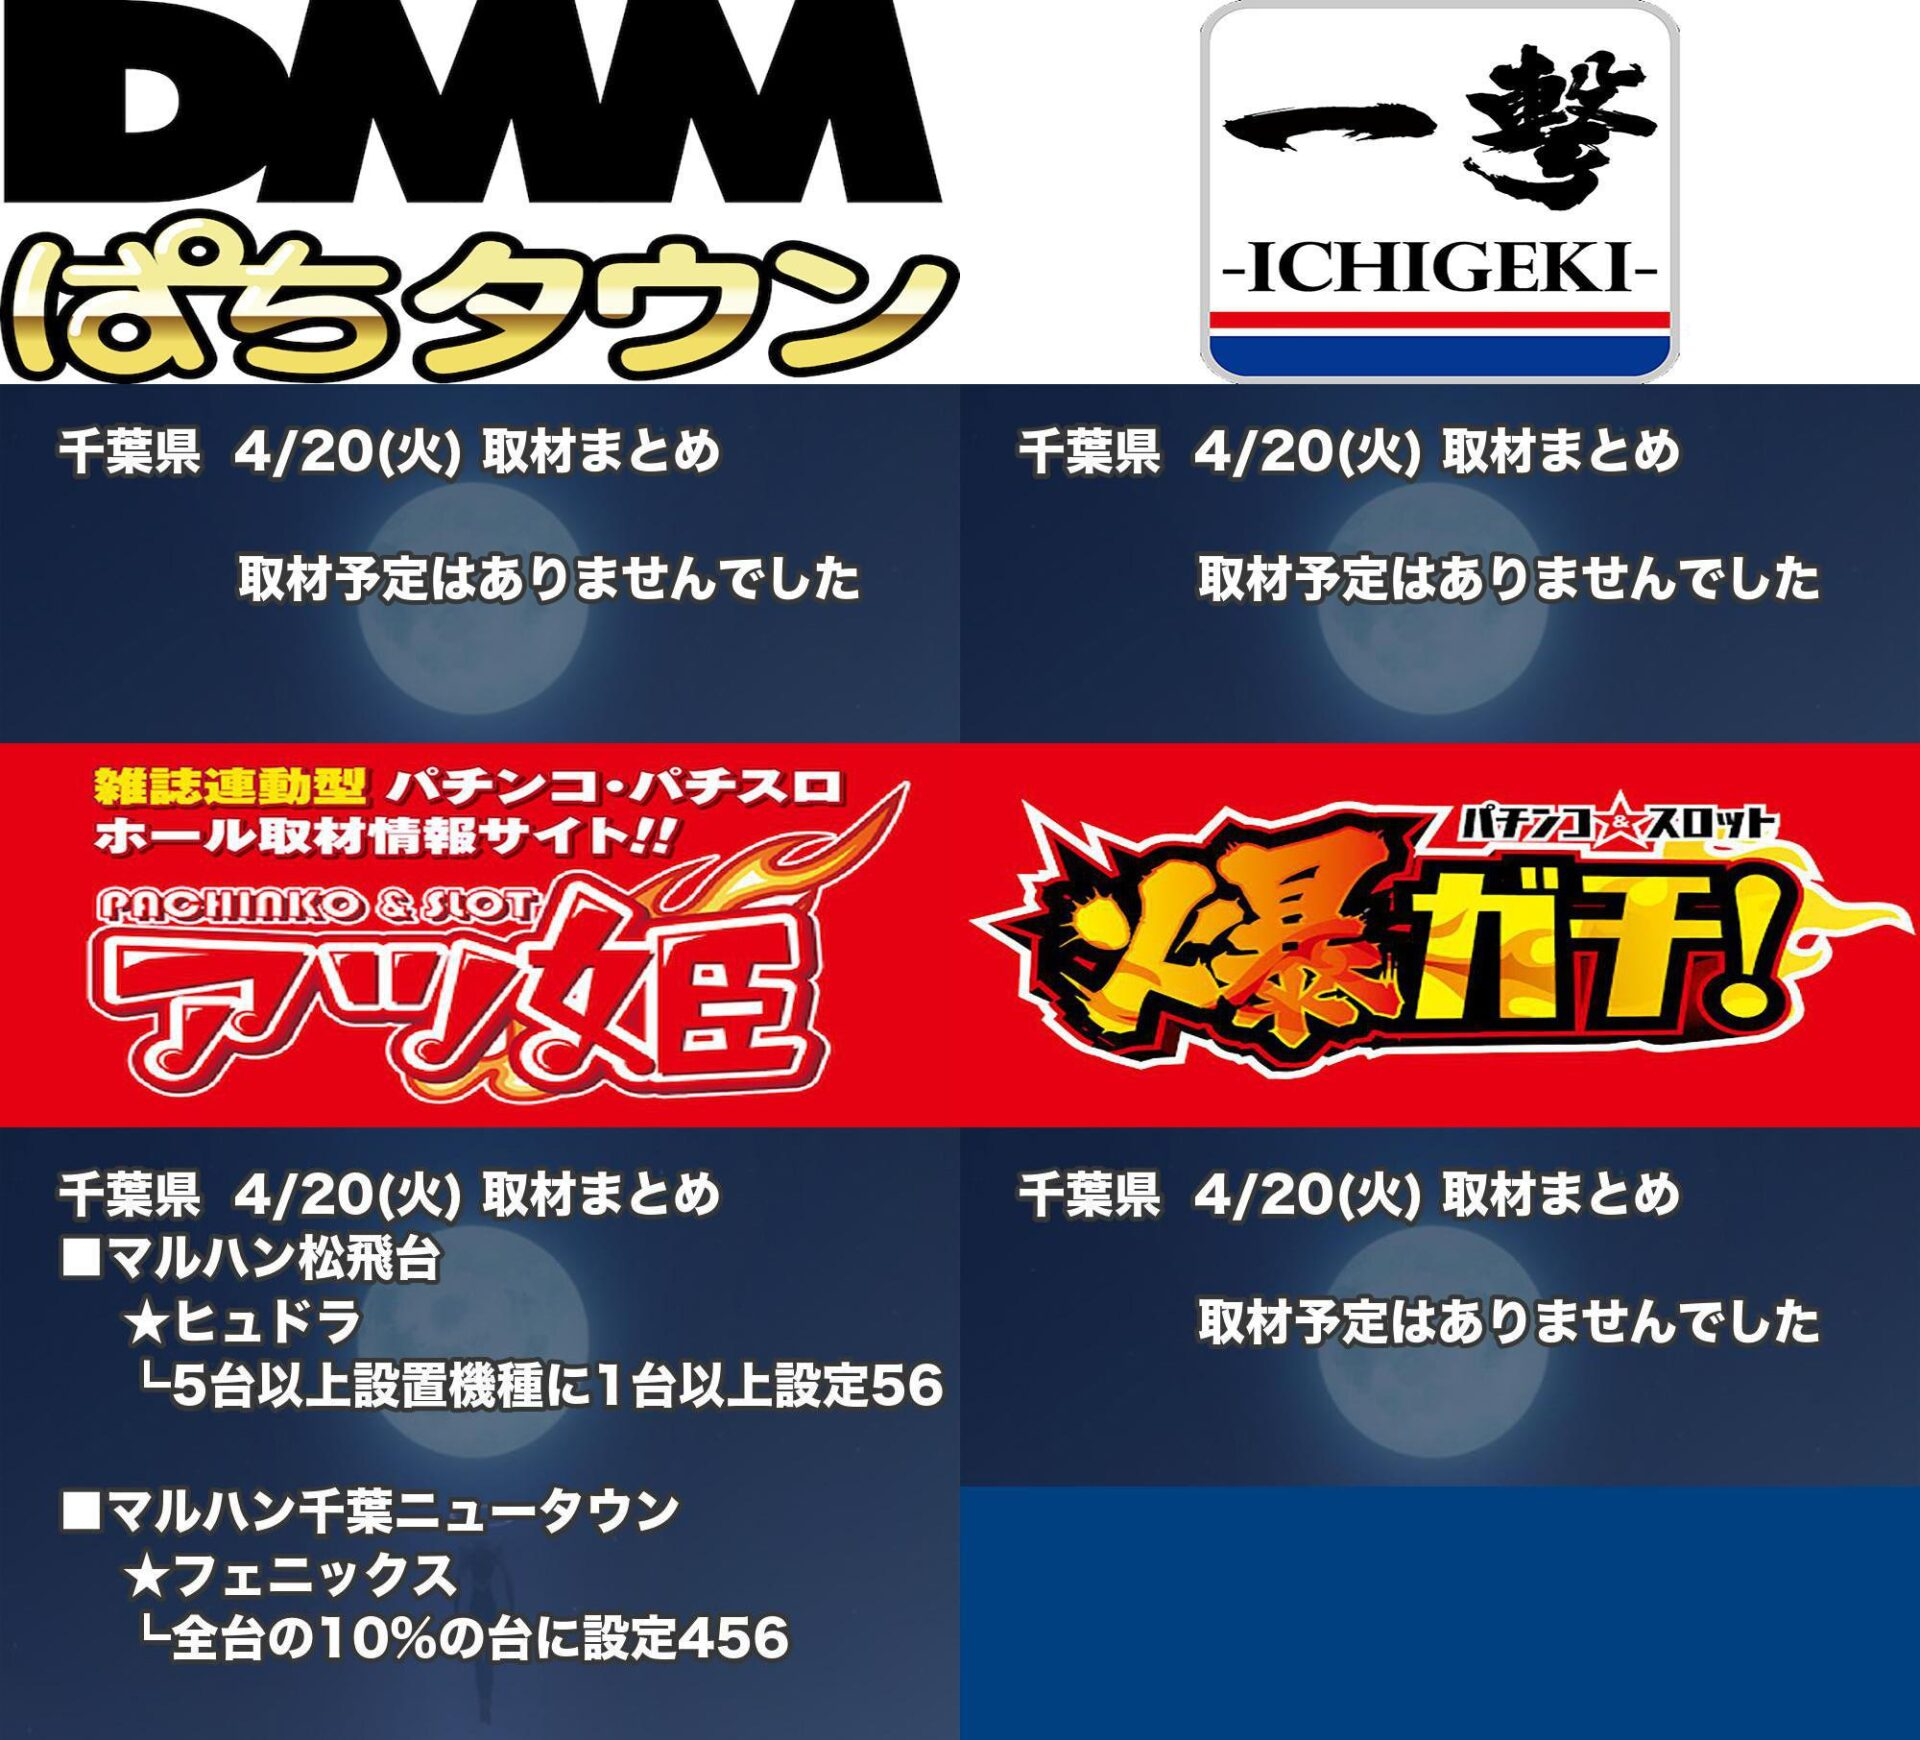 千葉県_2021-04-20_パチンコ・パチスロ